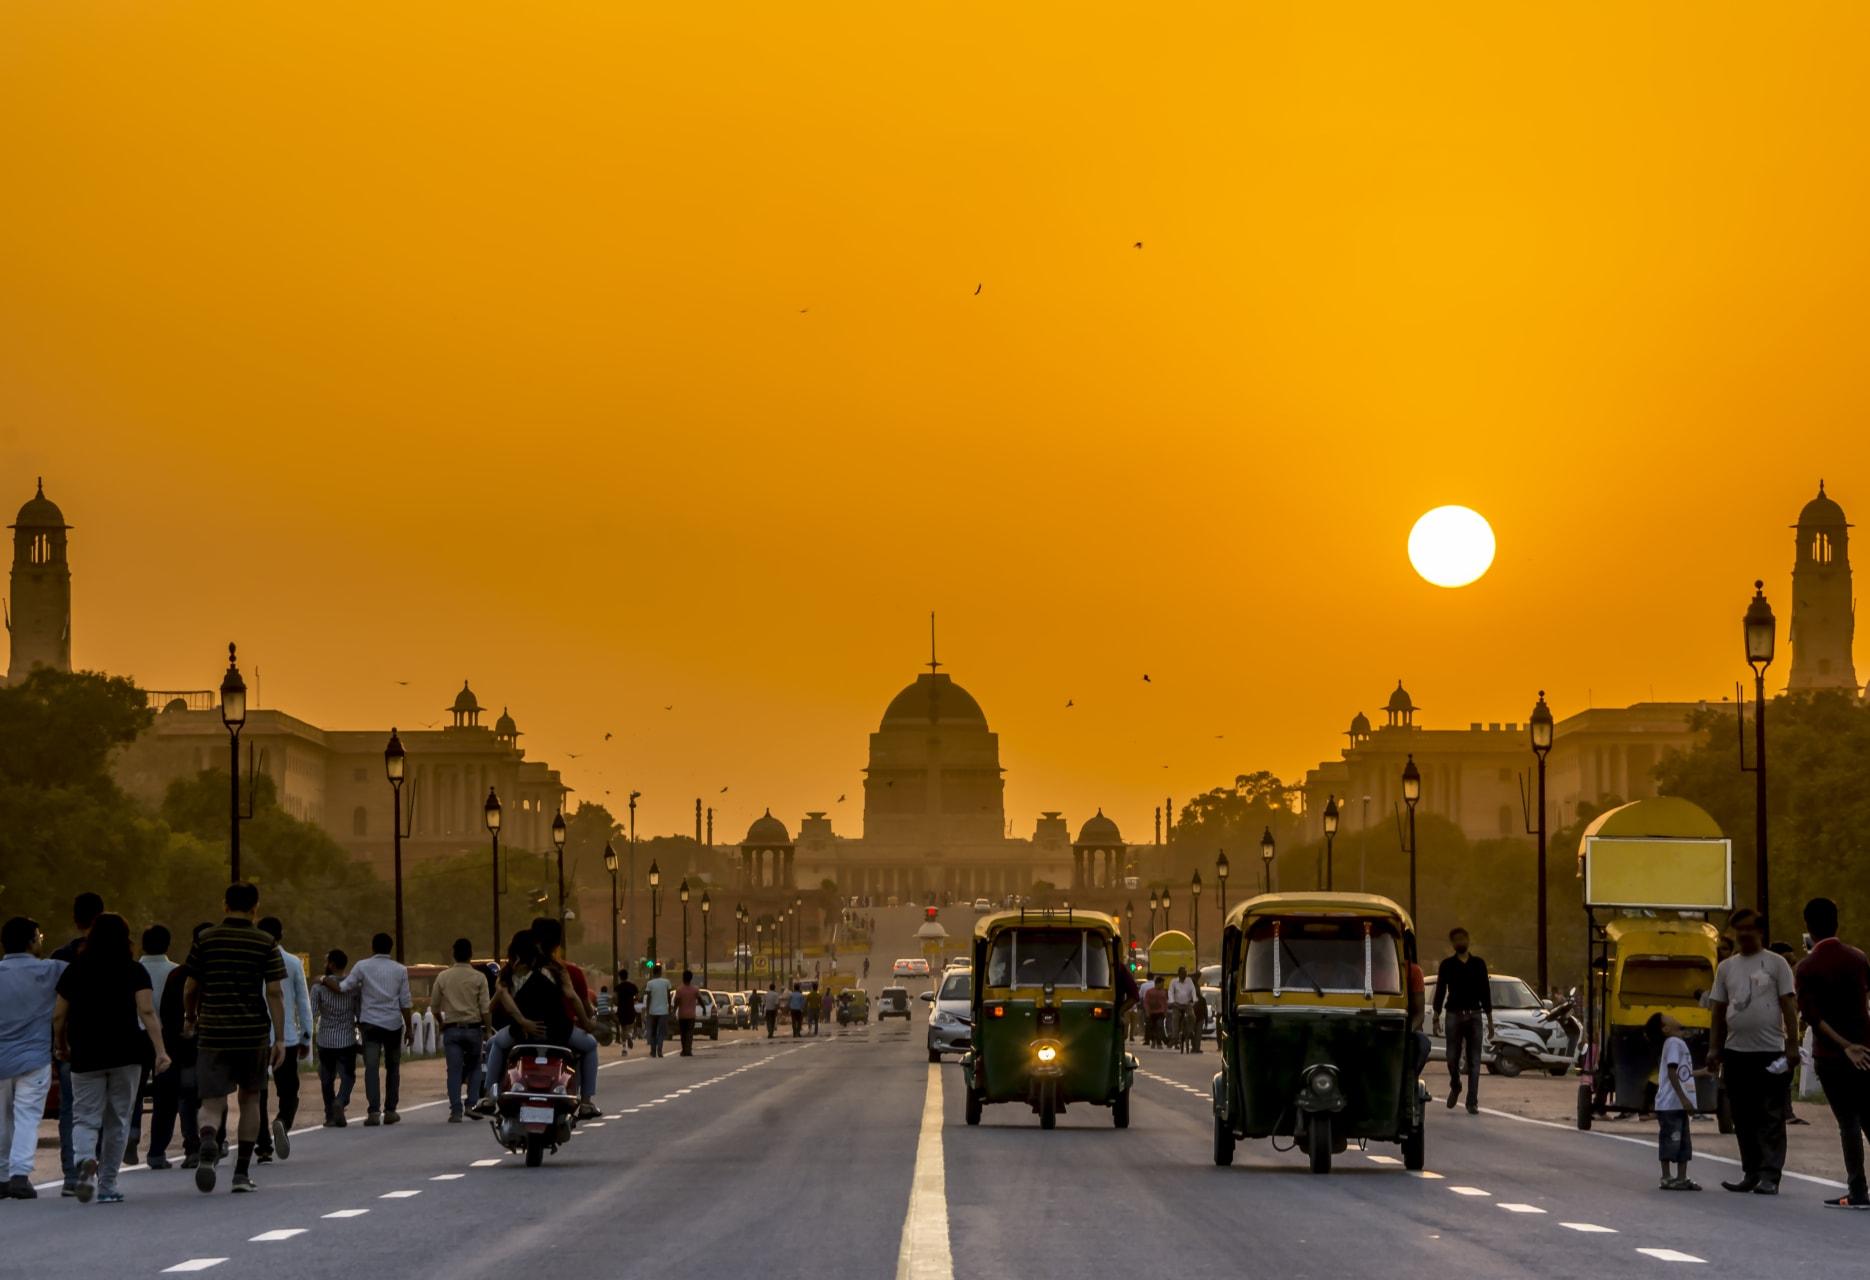 Delhi cover image